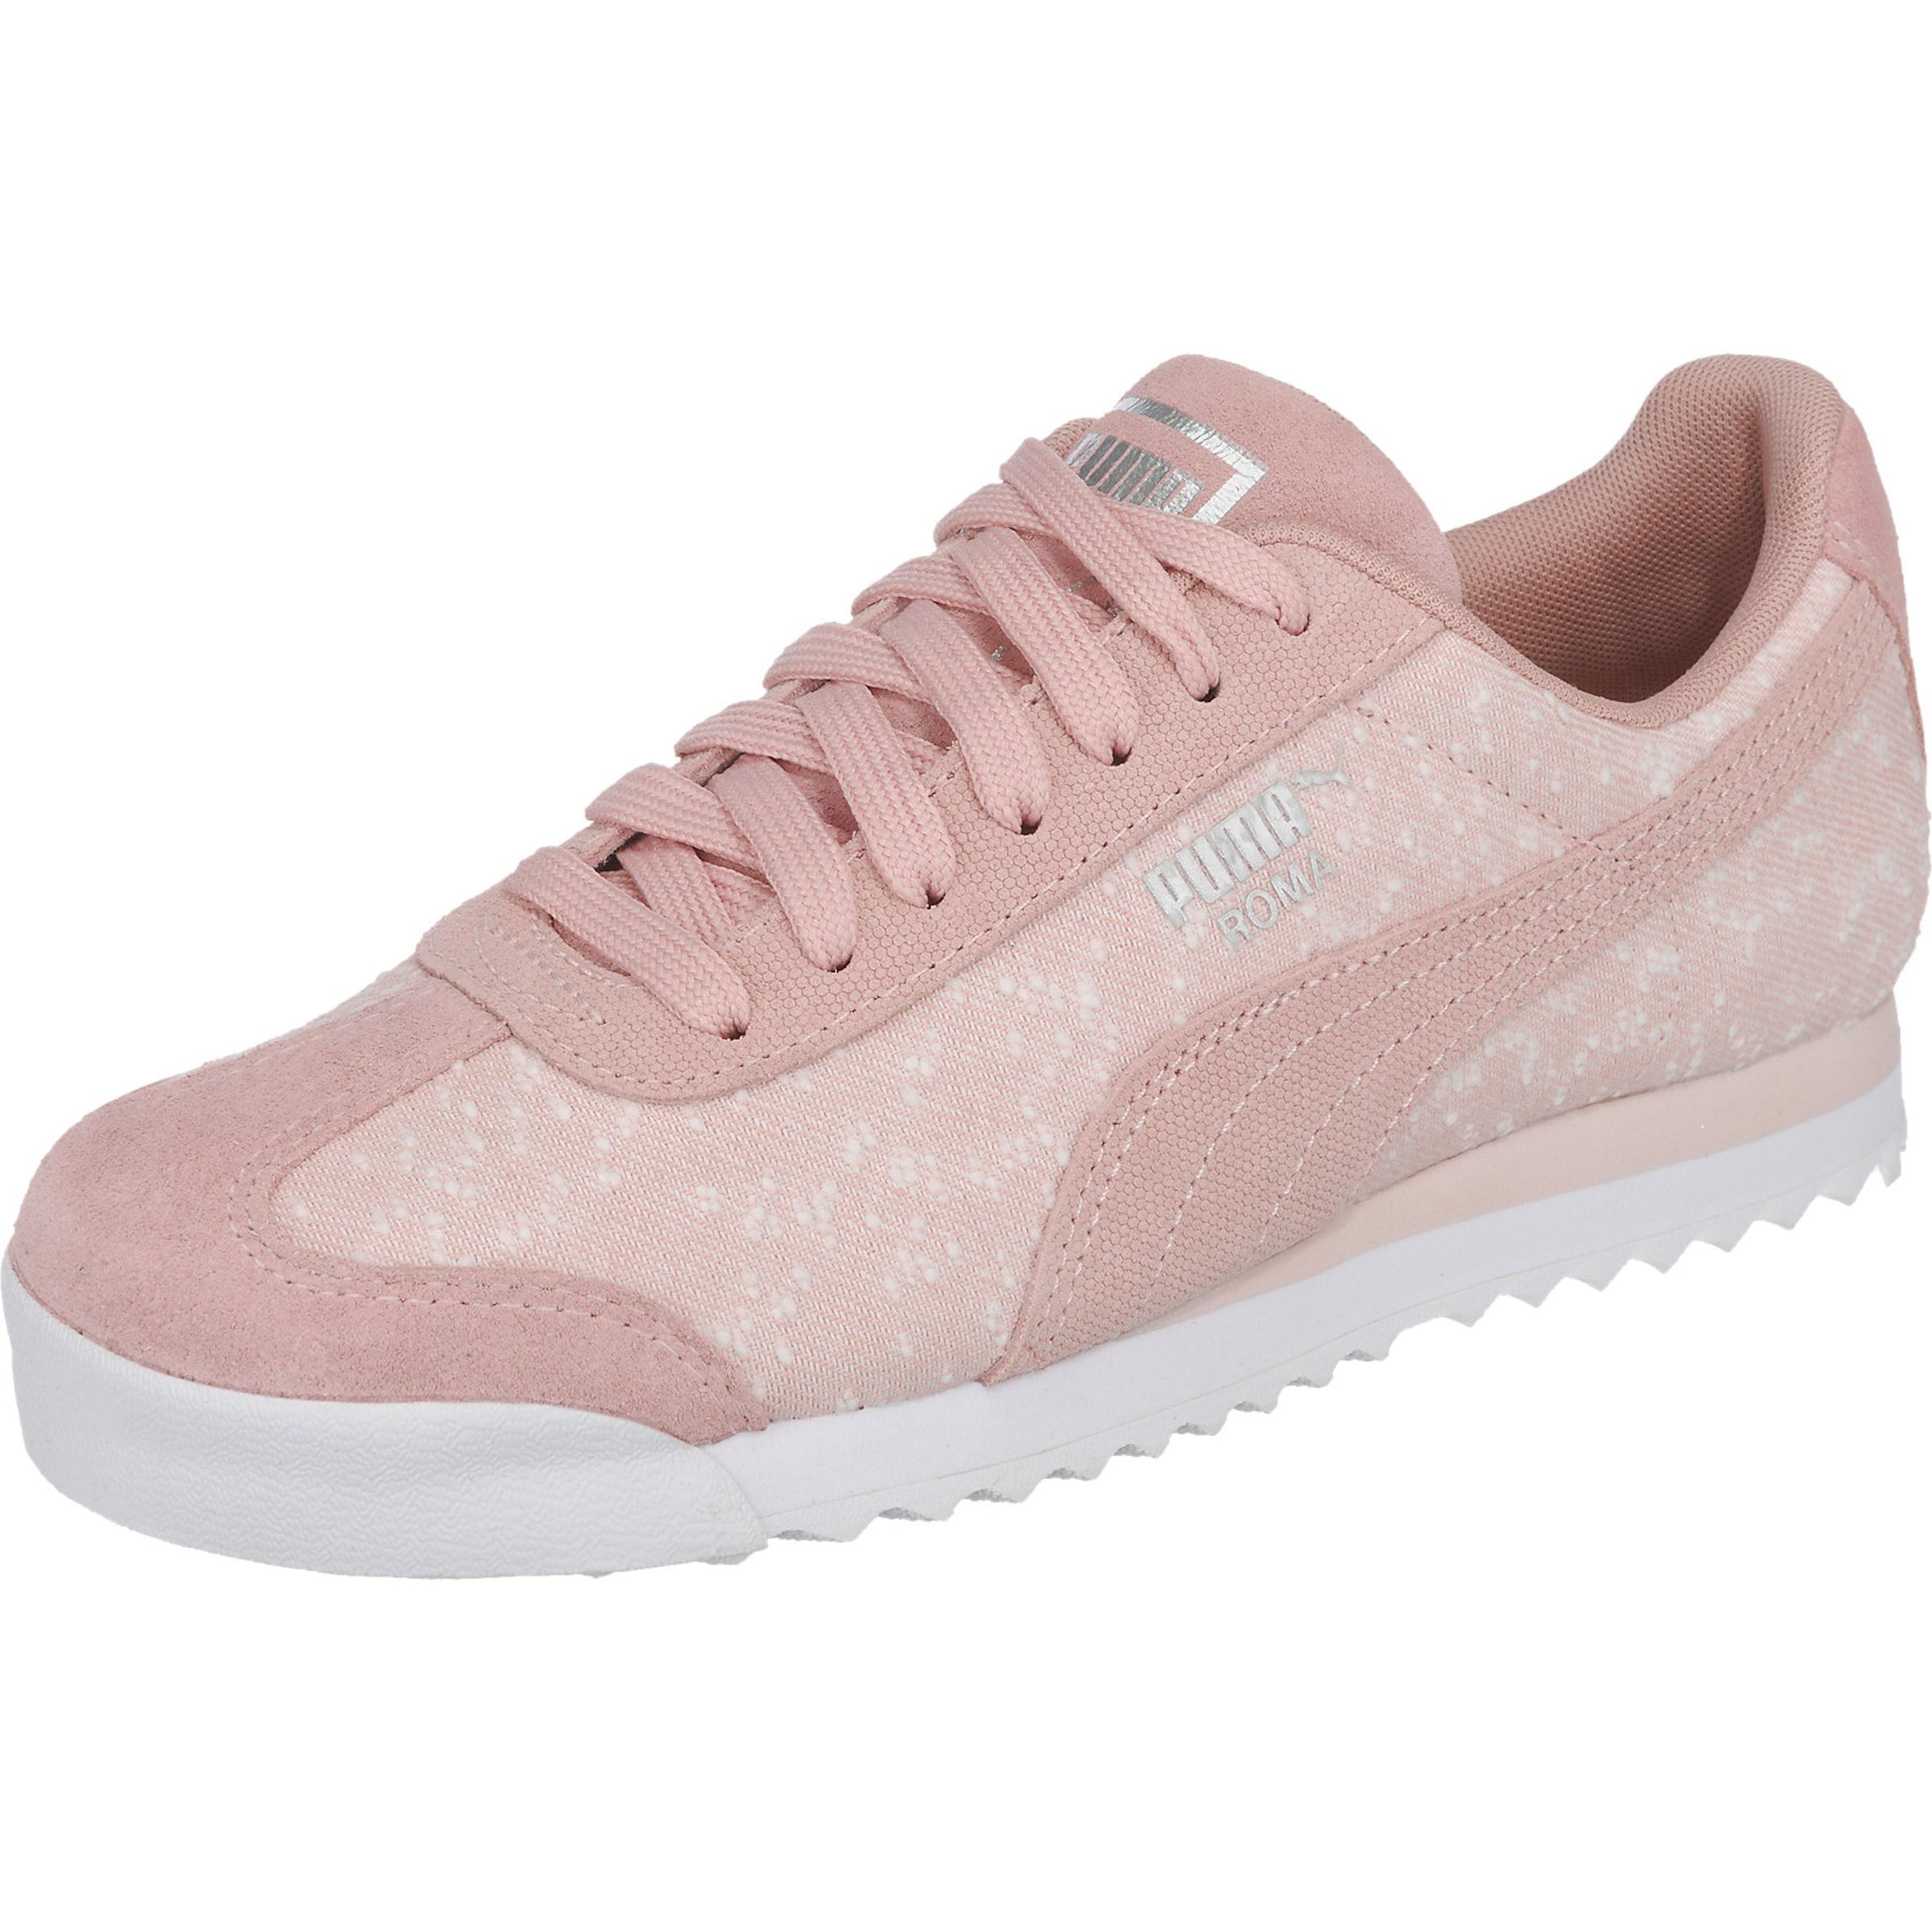 PUMA  Roma Pebble Wn s Sneakers